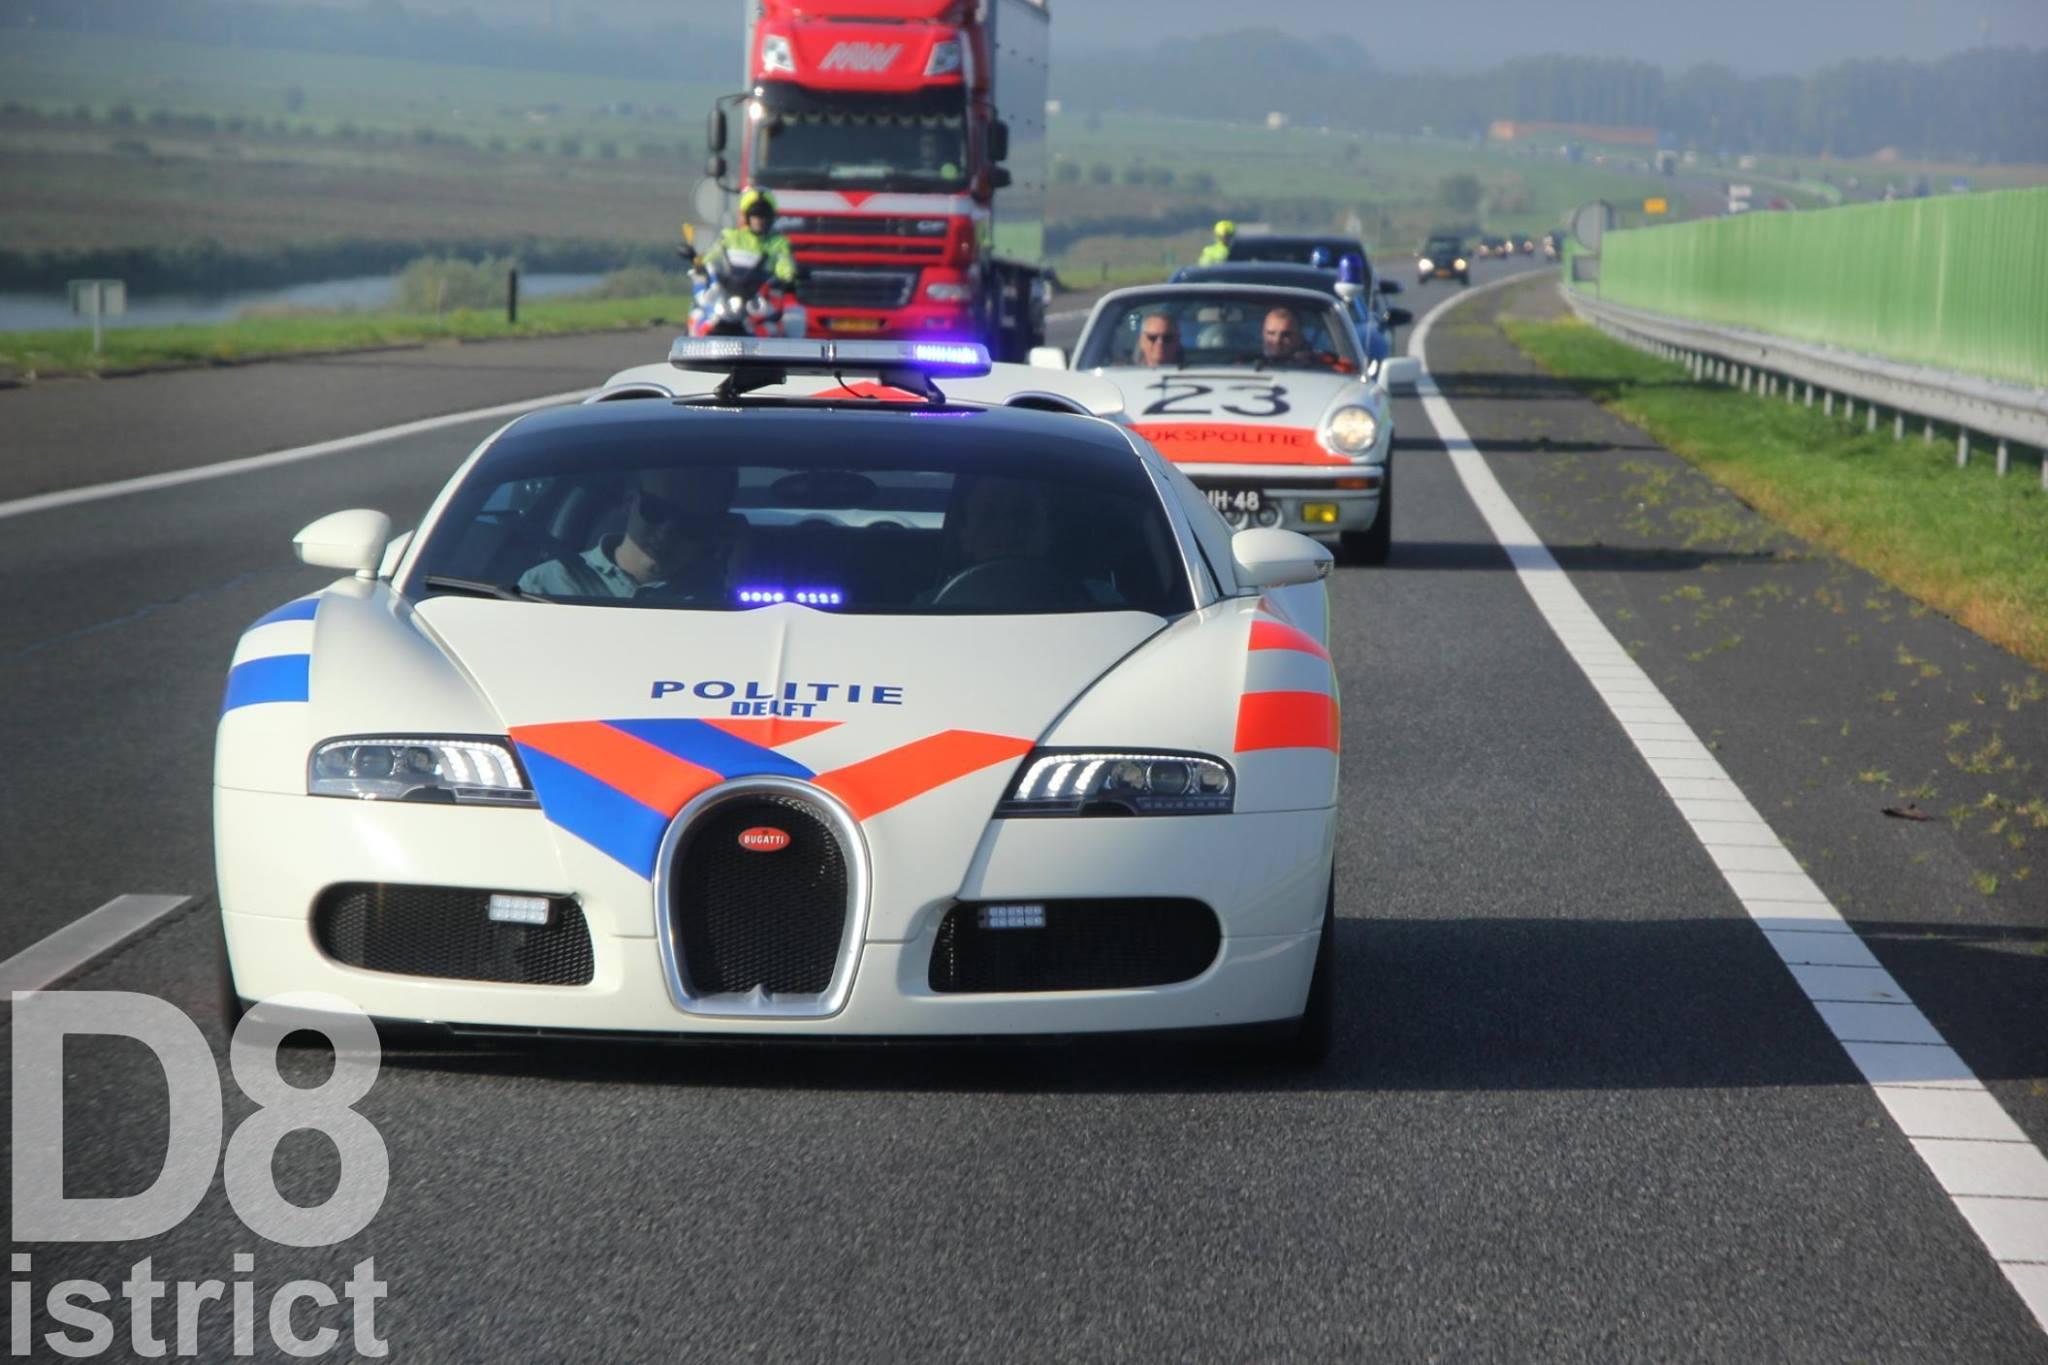 Dit is de enige echte Nederlandse politie Bugatti Veyron ...